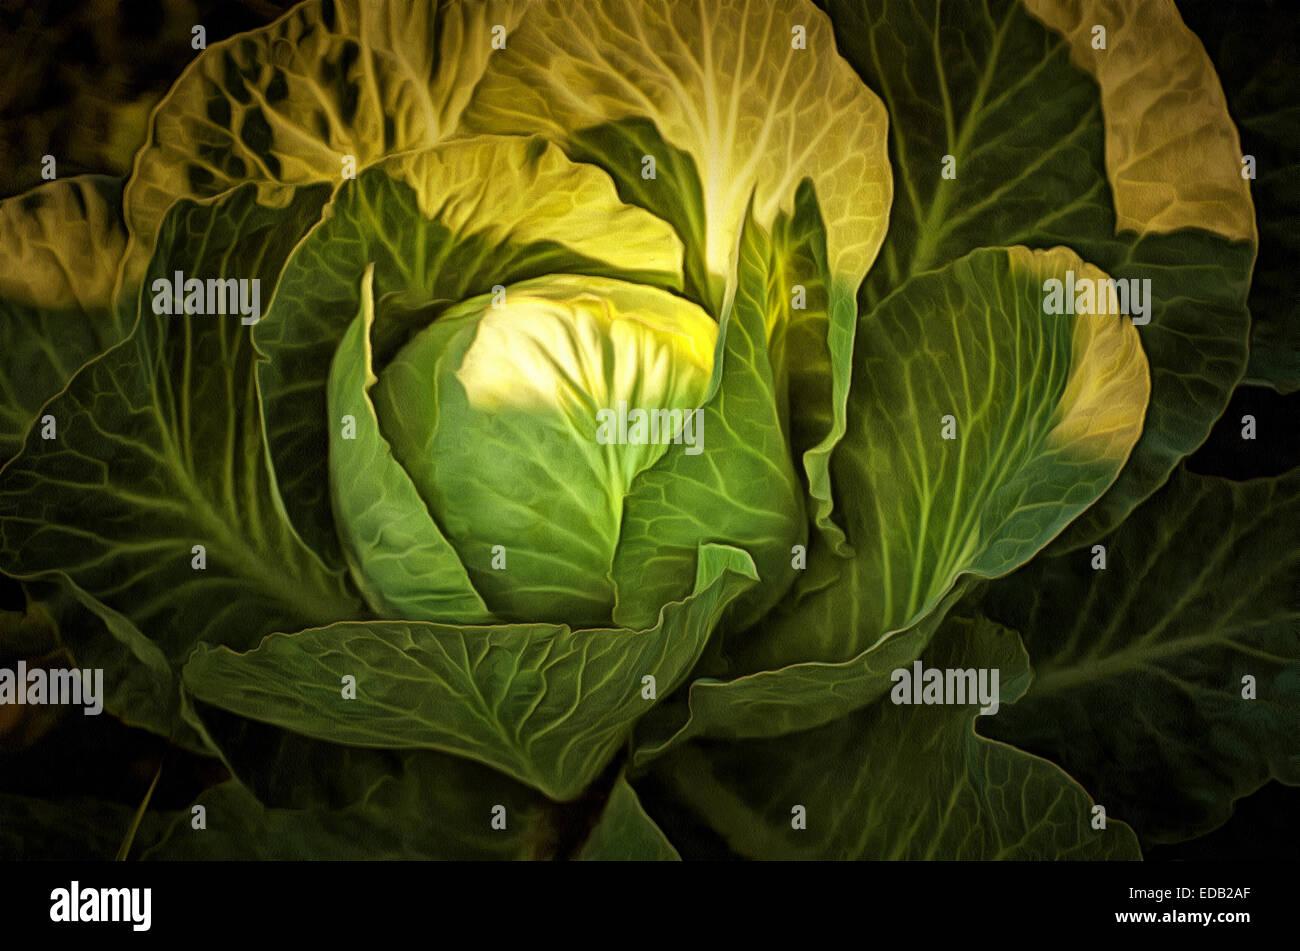 Kunst; Grafiken; Gemüse, Kohl, Malerei Stockfoto, Bild: 77075335 - Alamy